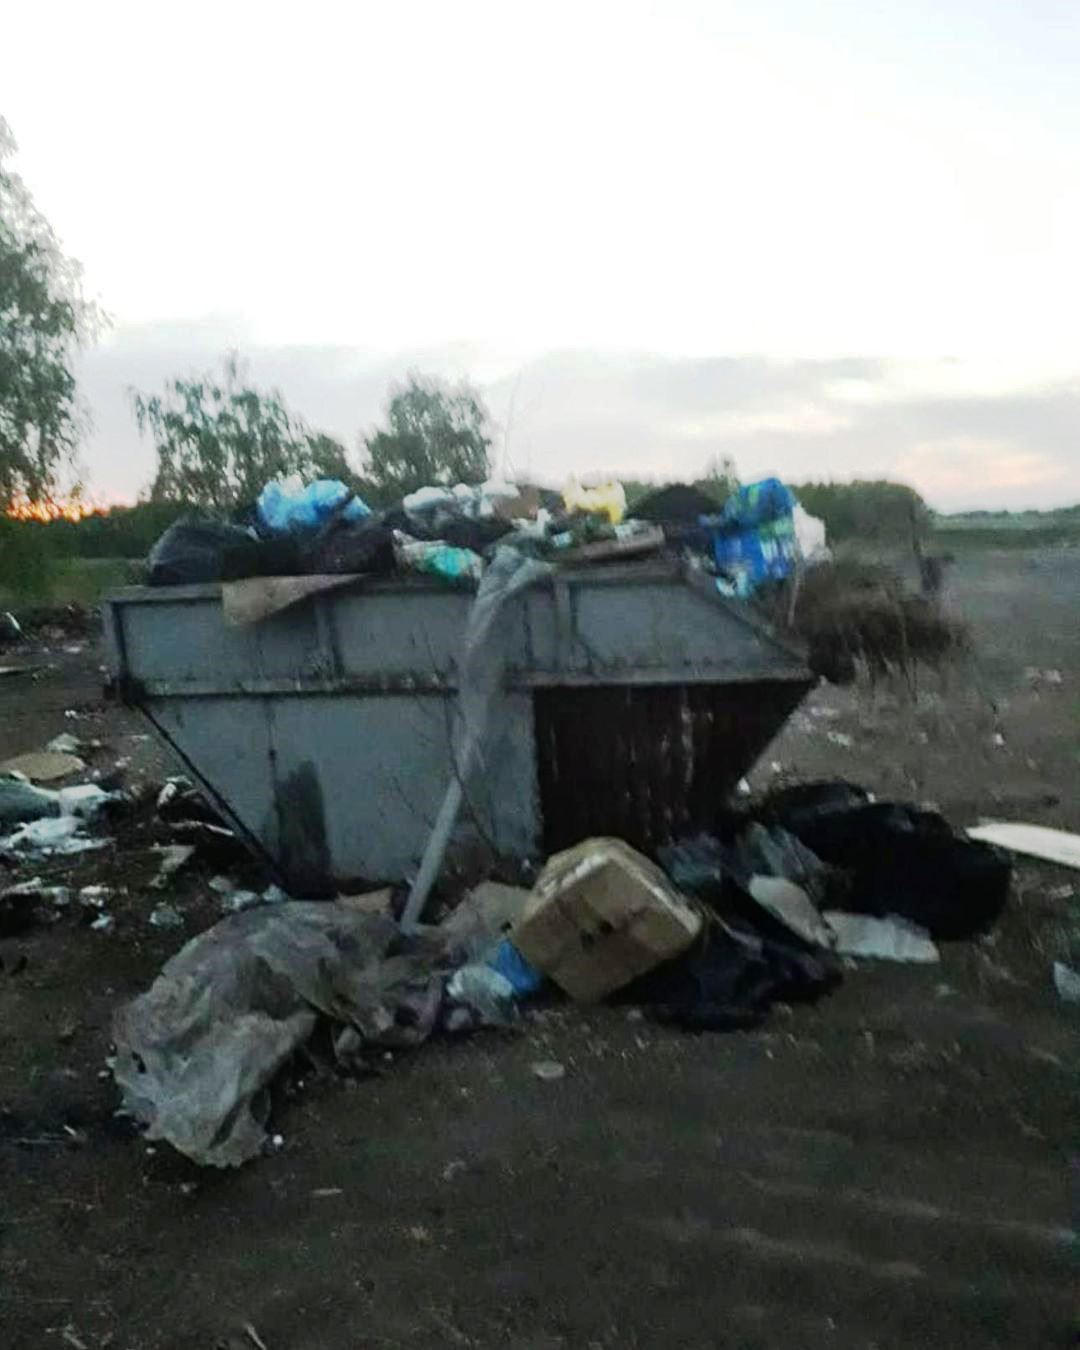 «Магнит» решил убрать свалку, сильно возмутившую Полежаева #Новости #Общество #Омск